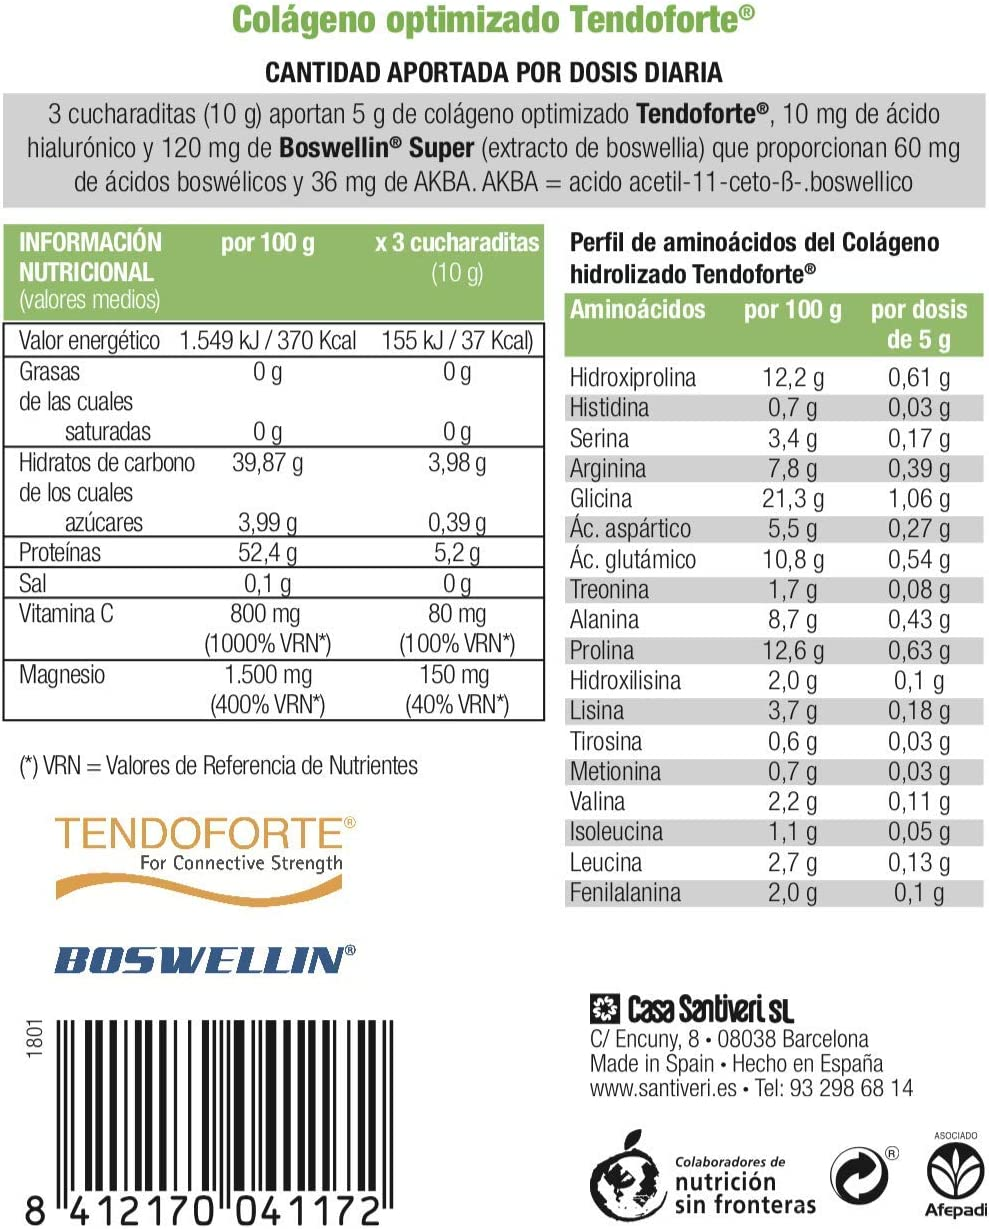 Colágeno Dynamic Tendo en polvo de Santiveri (230 gr): complemento alimenticio a base de colágeno optimizado, ácido hialurónico, extracto de Boswellia ...